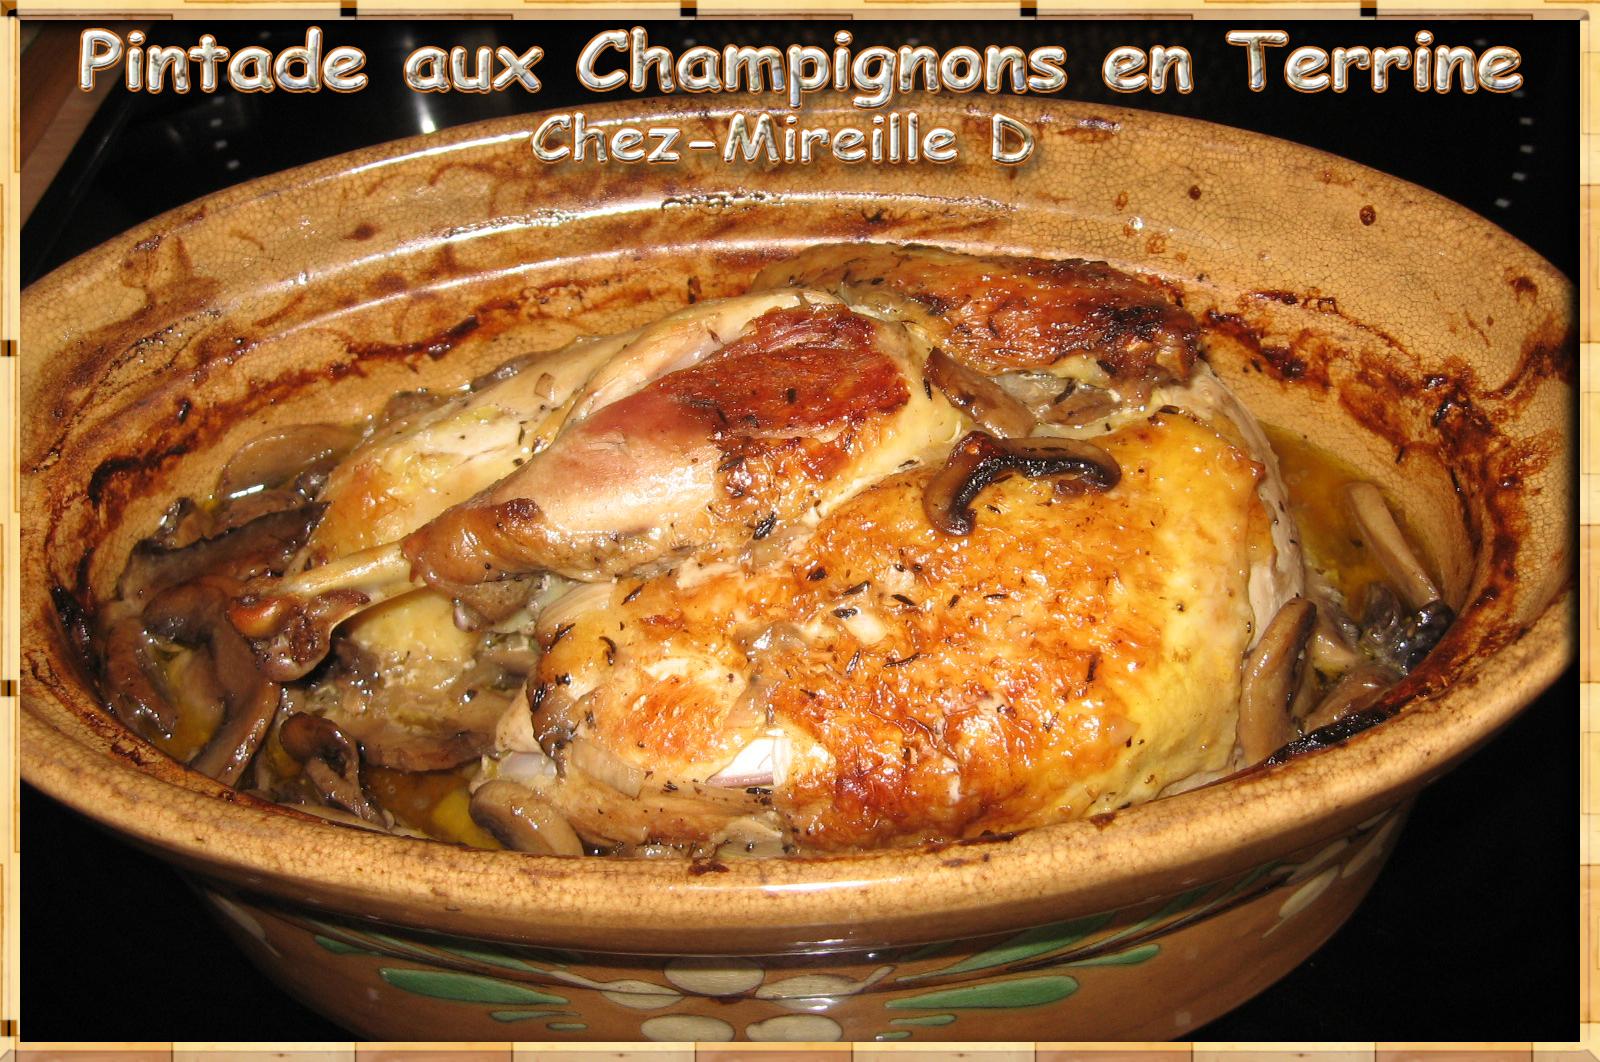 Pintade aux Champignons en Terrine cuite au Four - Chez-Mireille D on